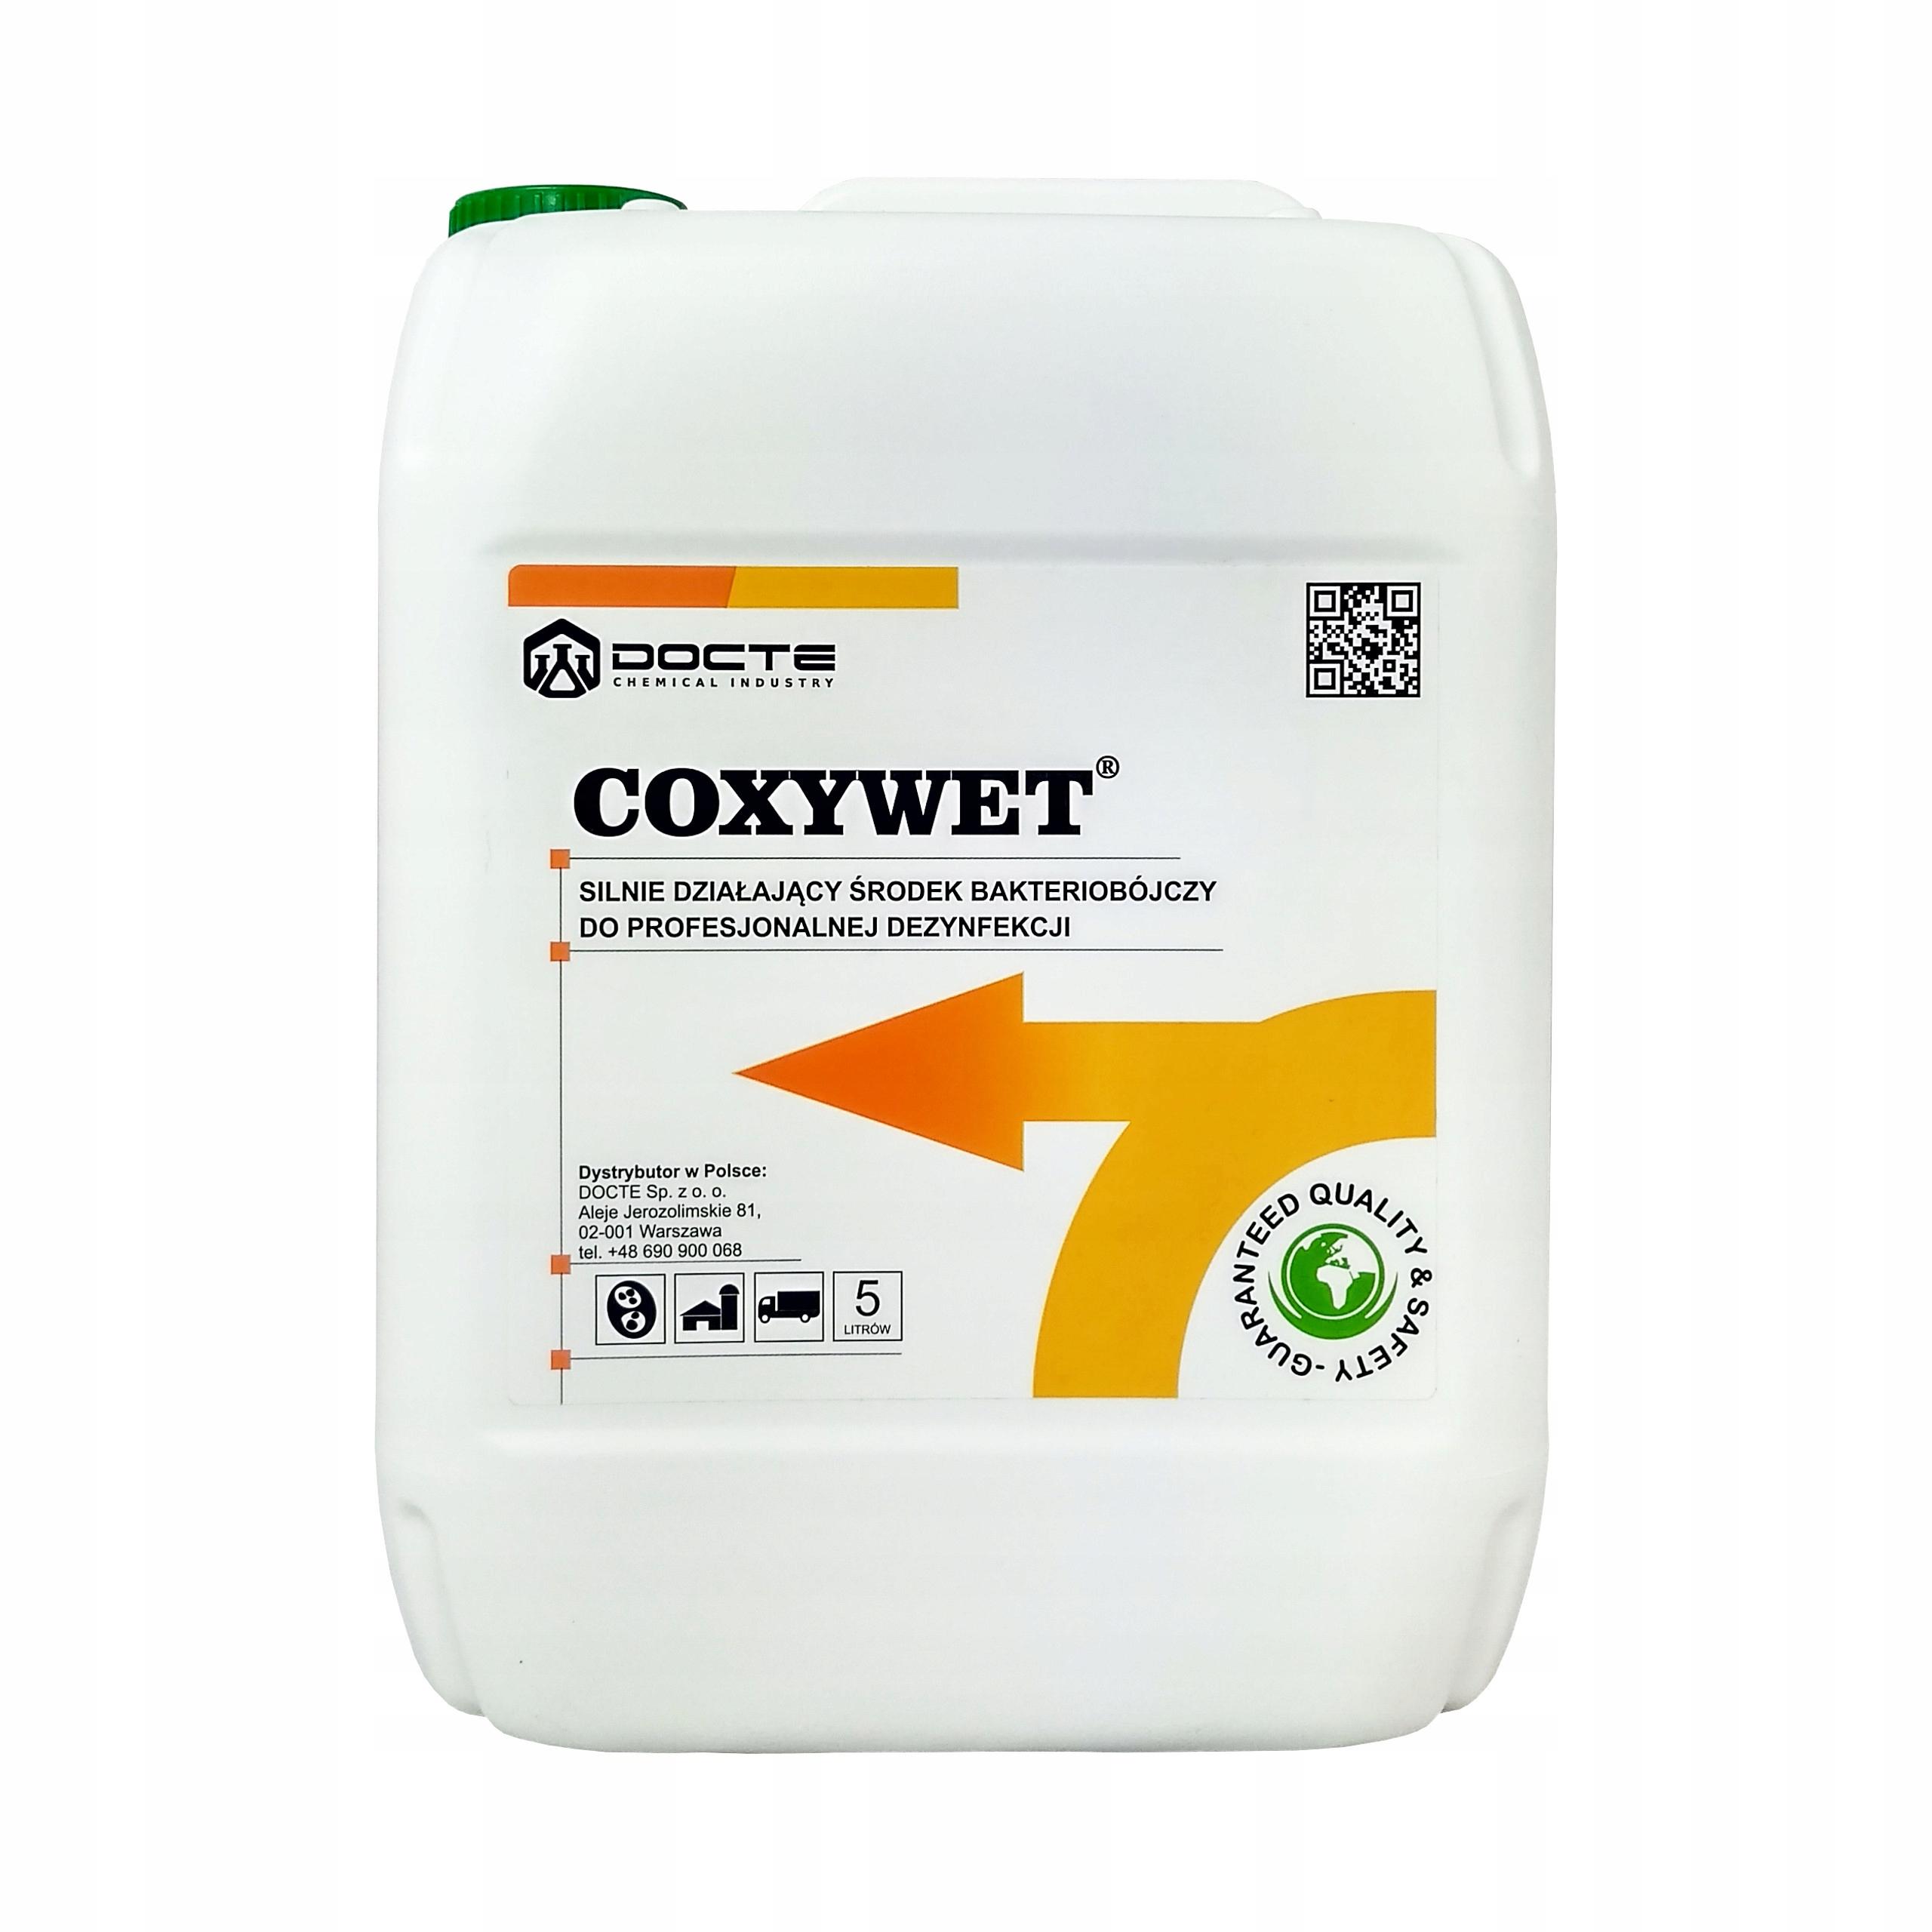 COXYWET na dezinfekciu plôch, predmetov, 5L